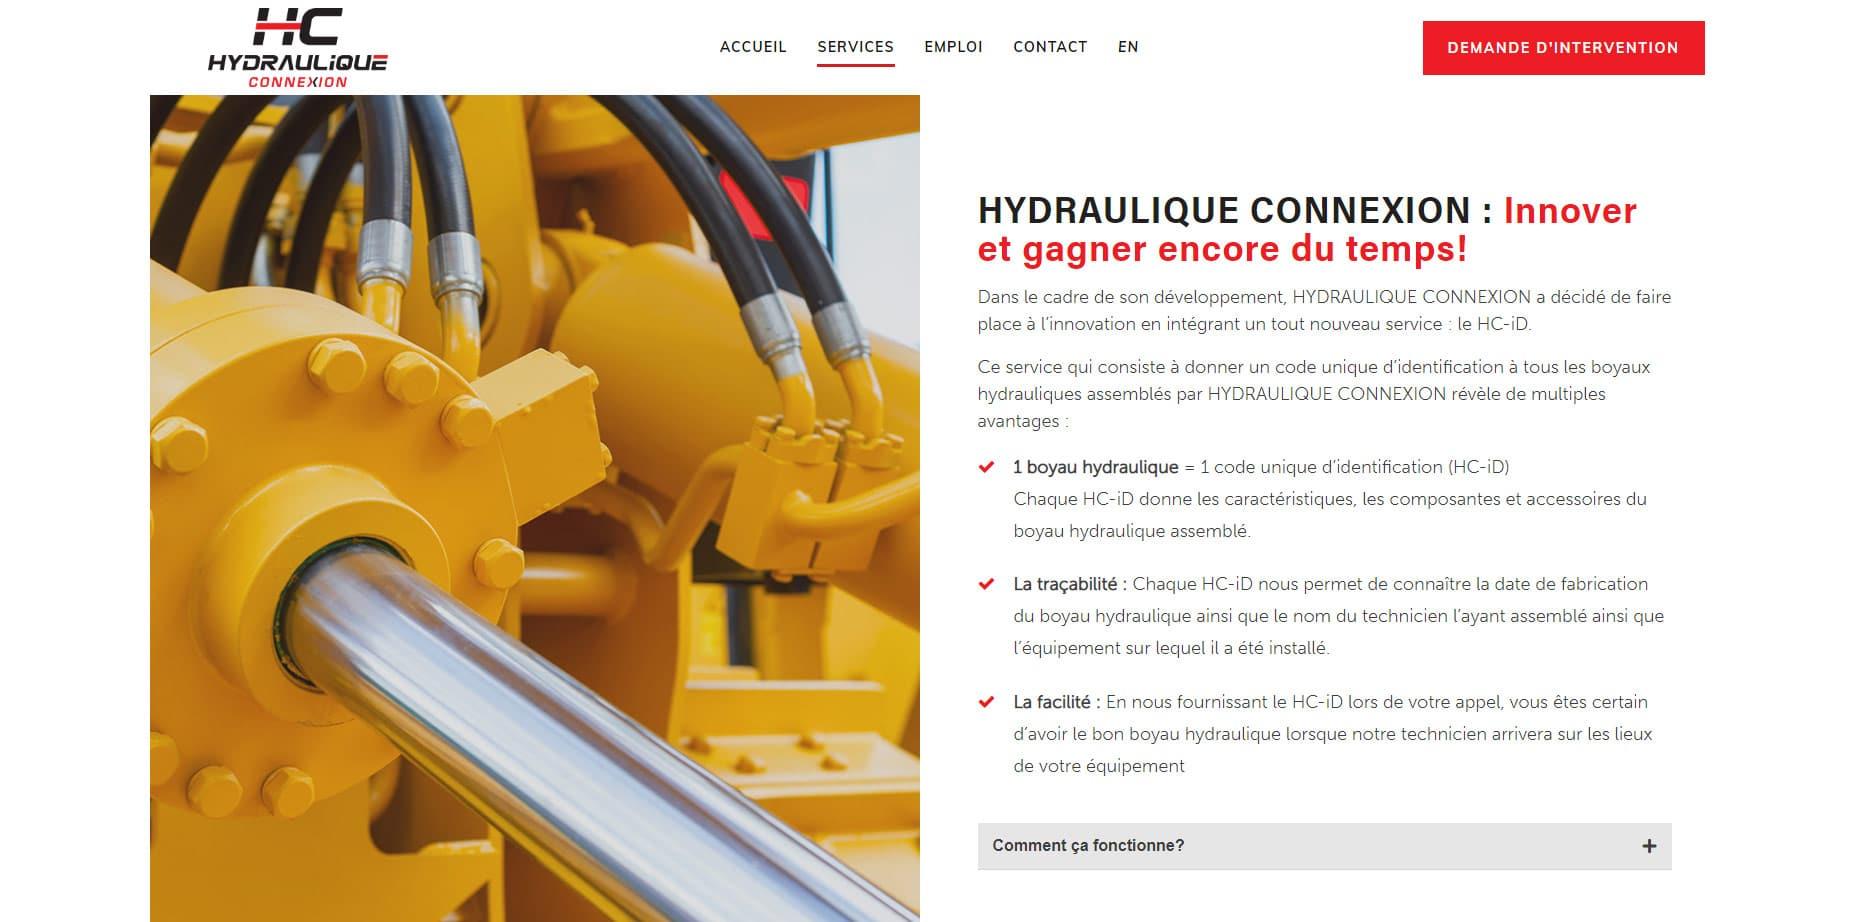 hydraulique-connexion-3